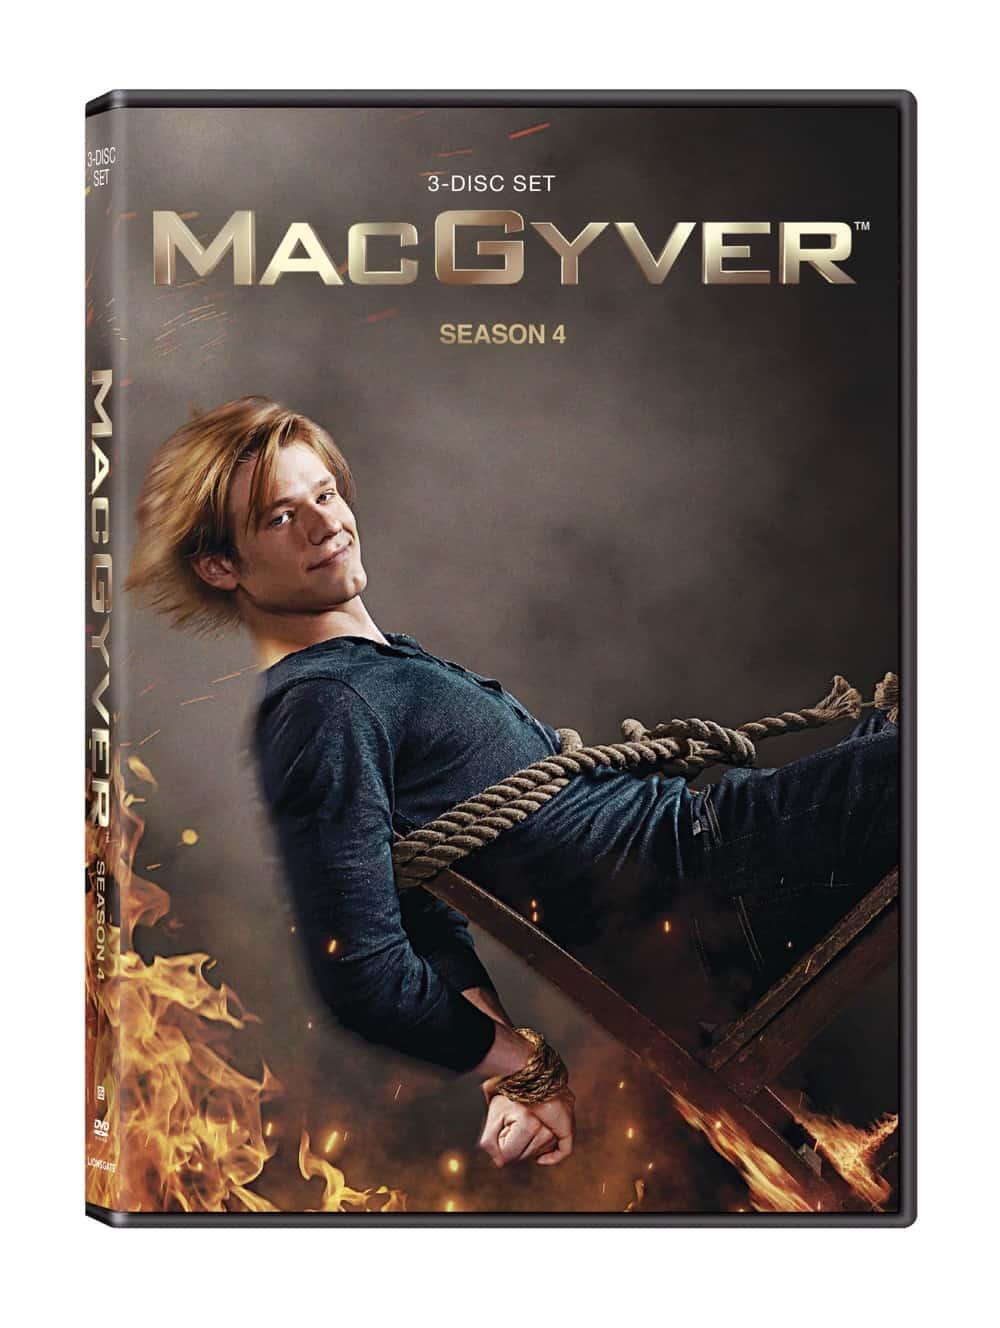 MacGyver Season 4 DVD Cover